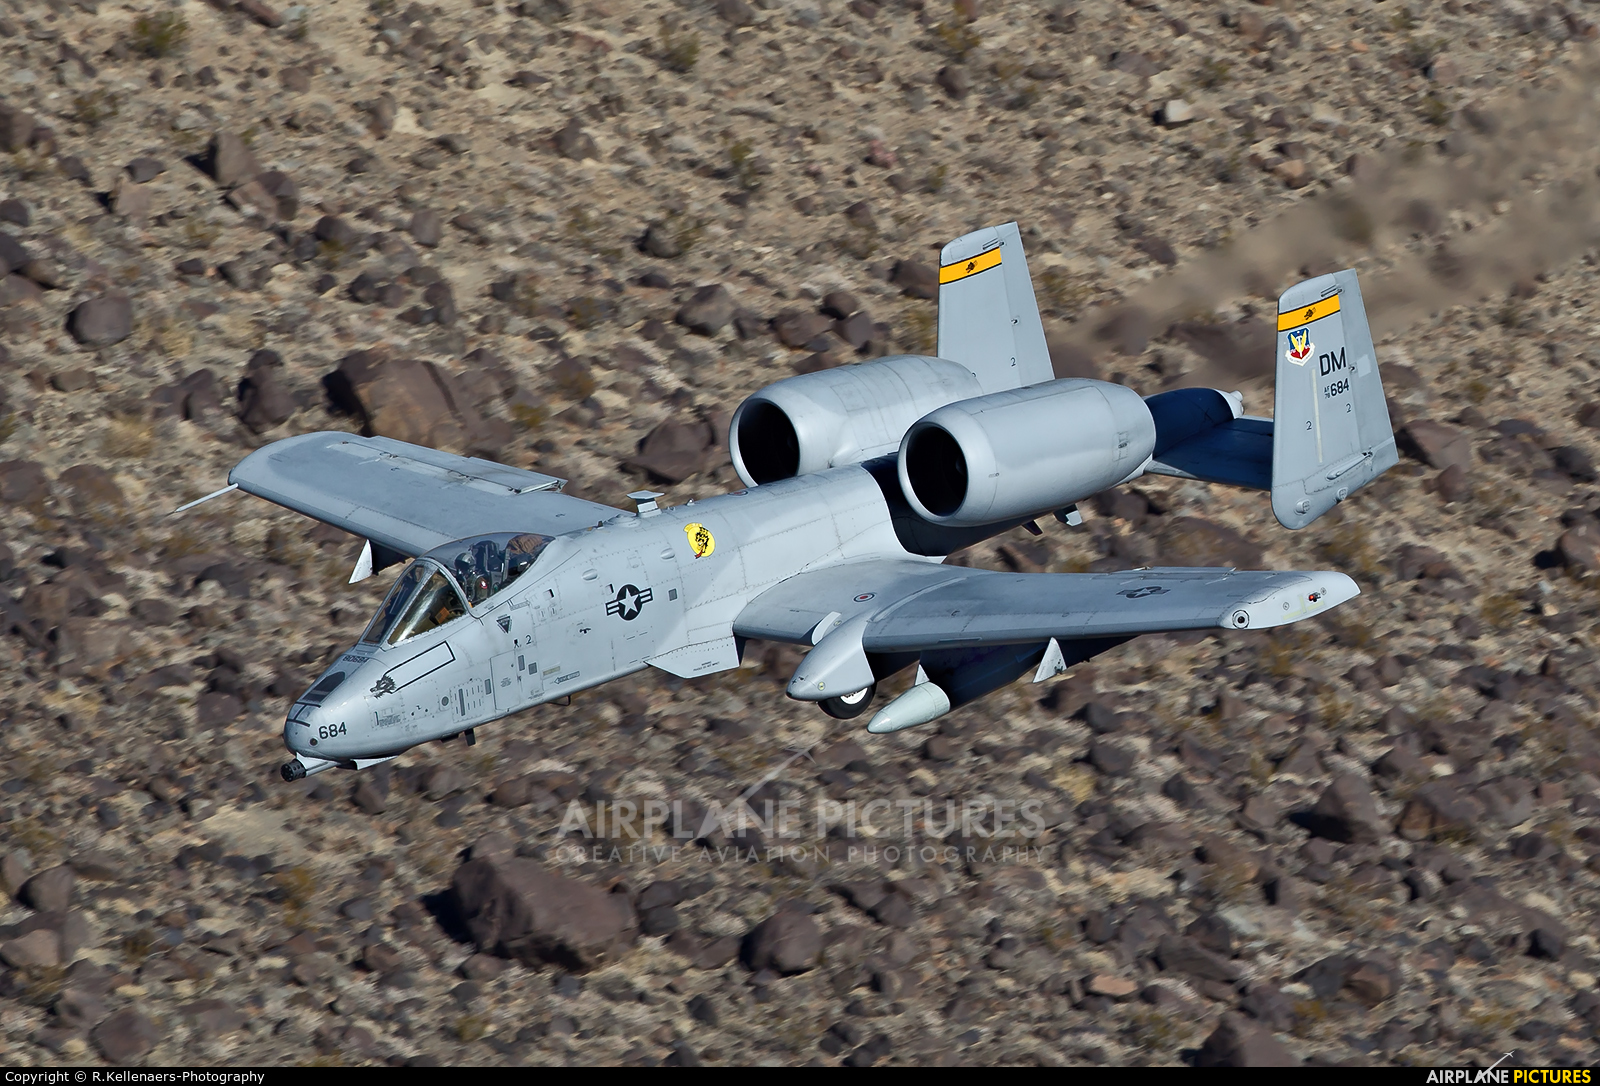 USA - Air Force 78-0684 aircraft at Rainbow Canyon - Off Airport